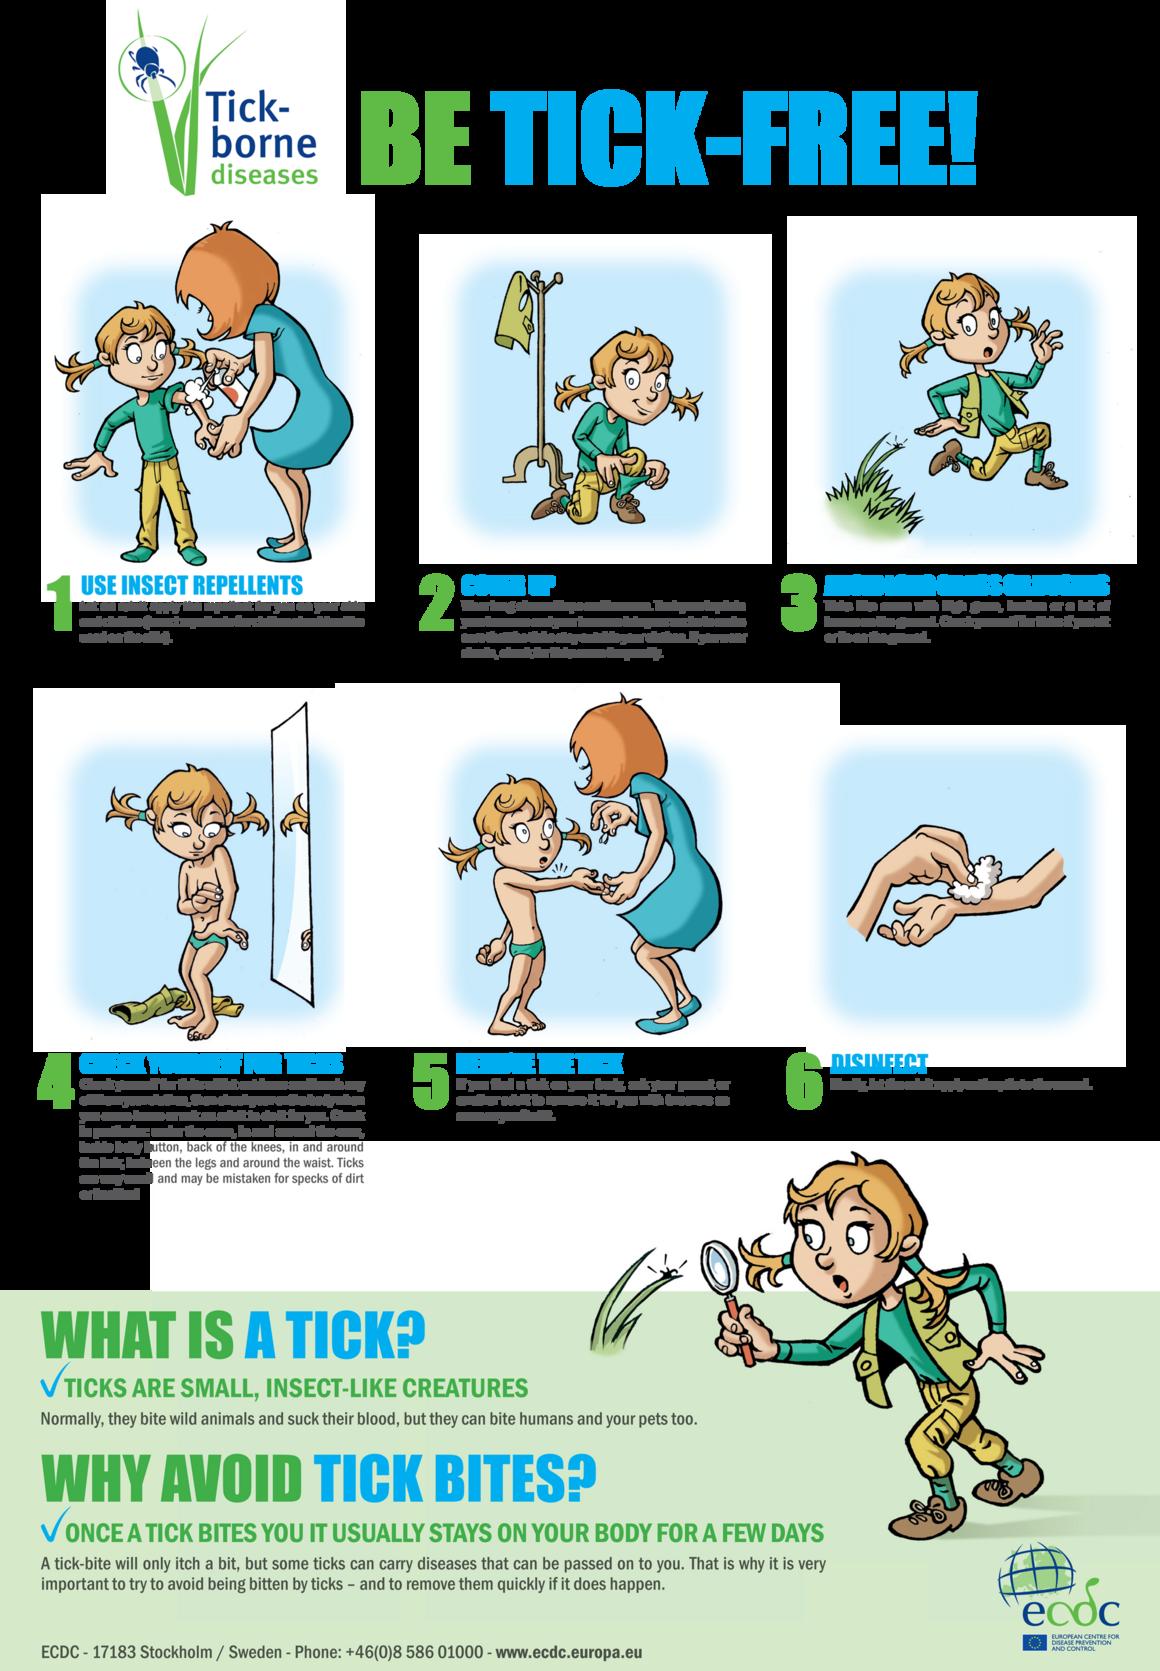 Poster on ticks for school children living in endemic areas